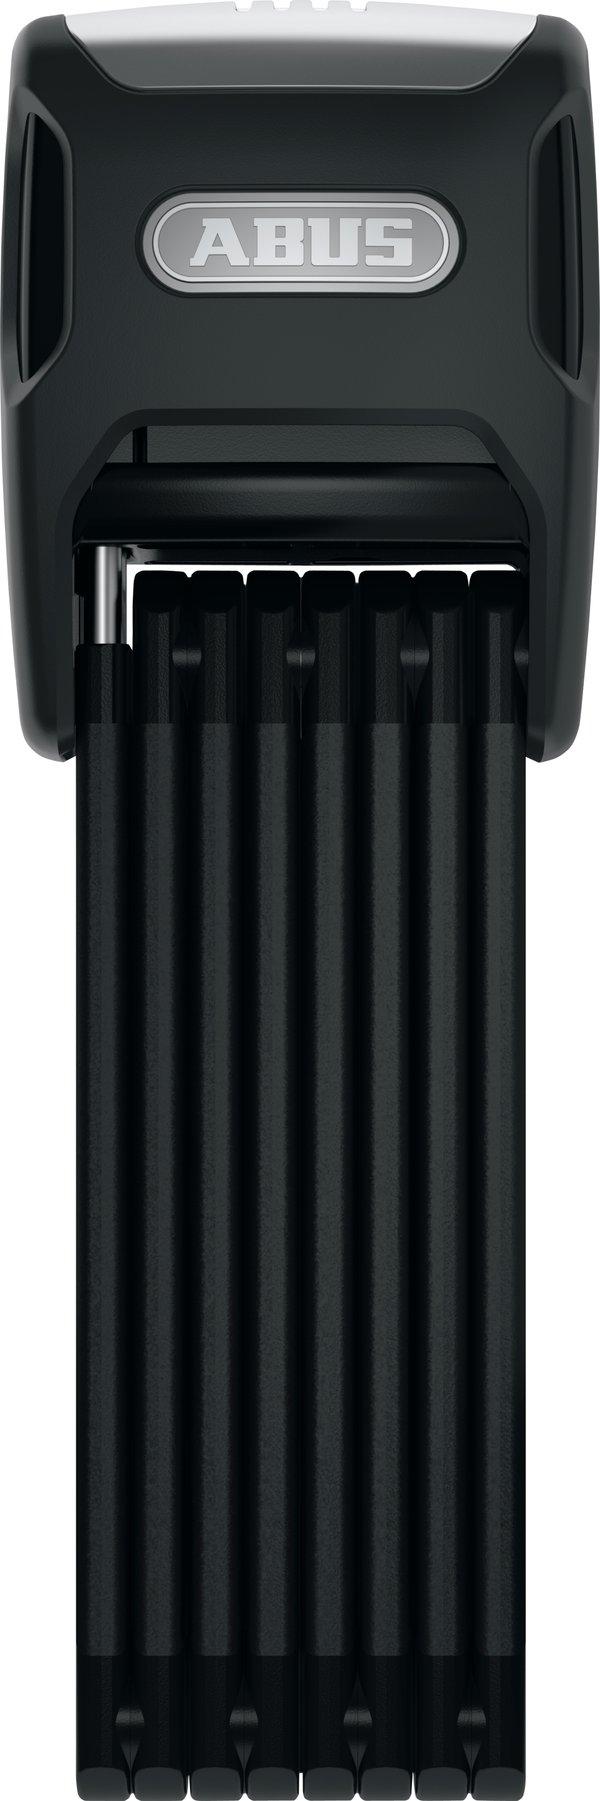 ABUS Bordo Alarm 6000A/90 black SH